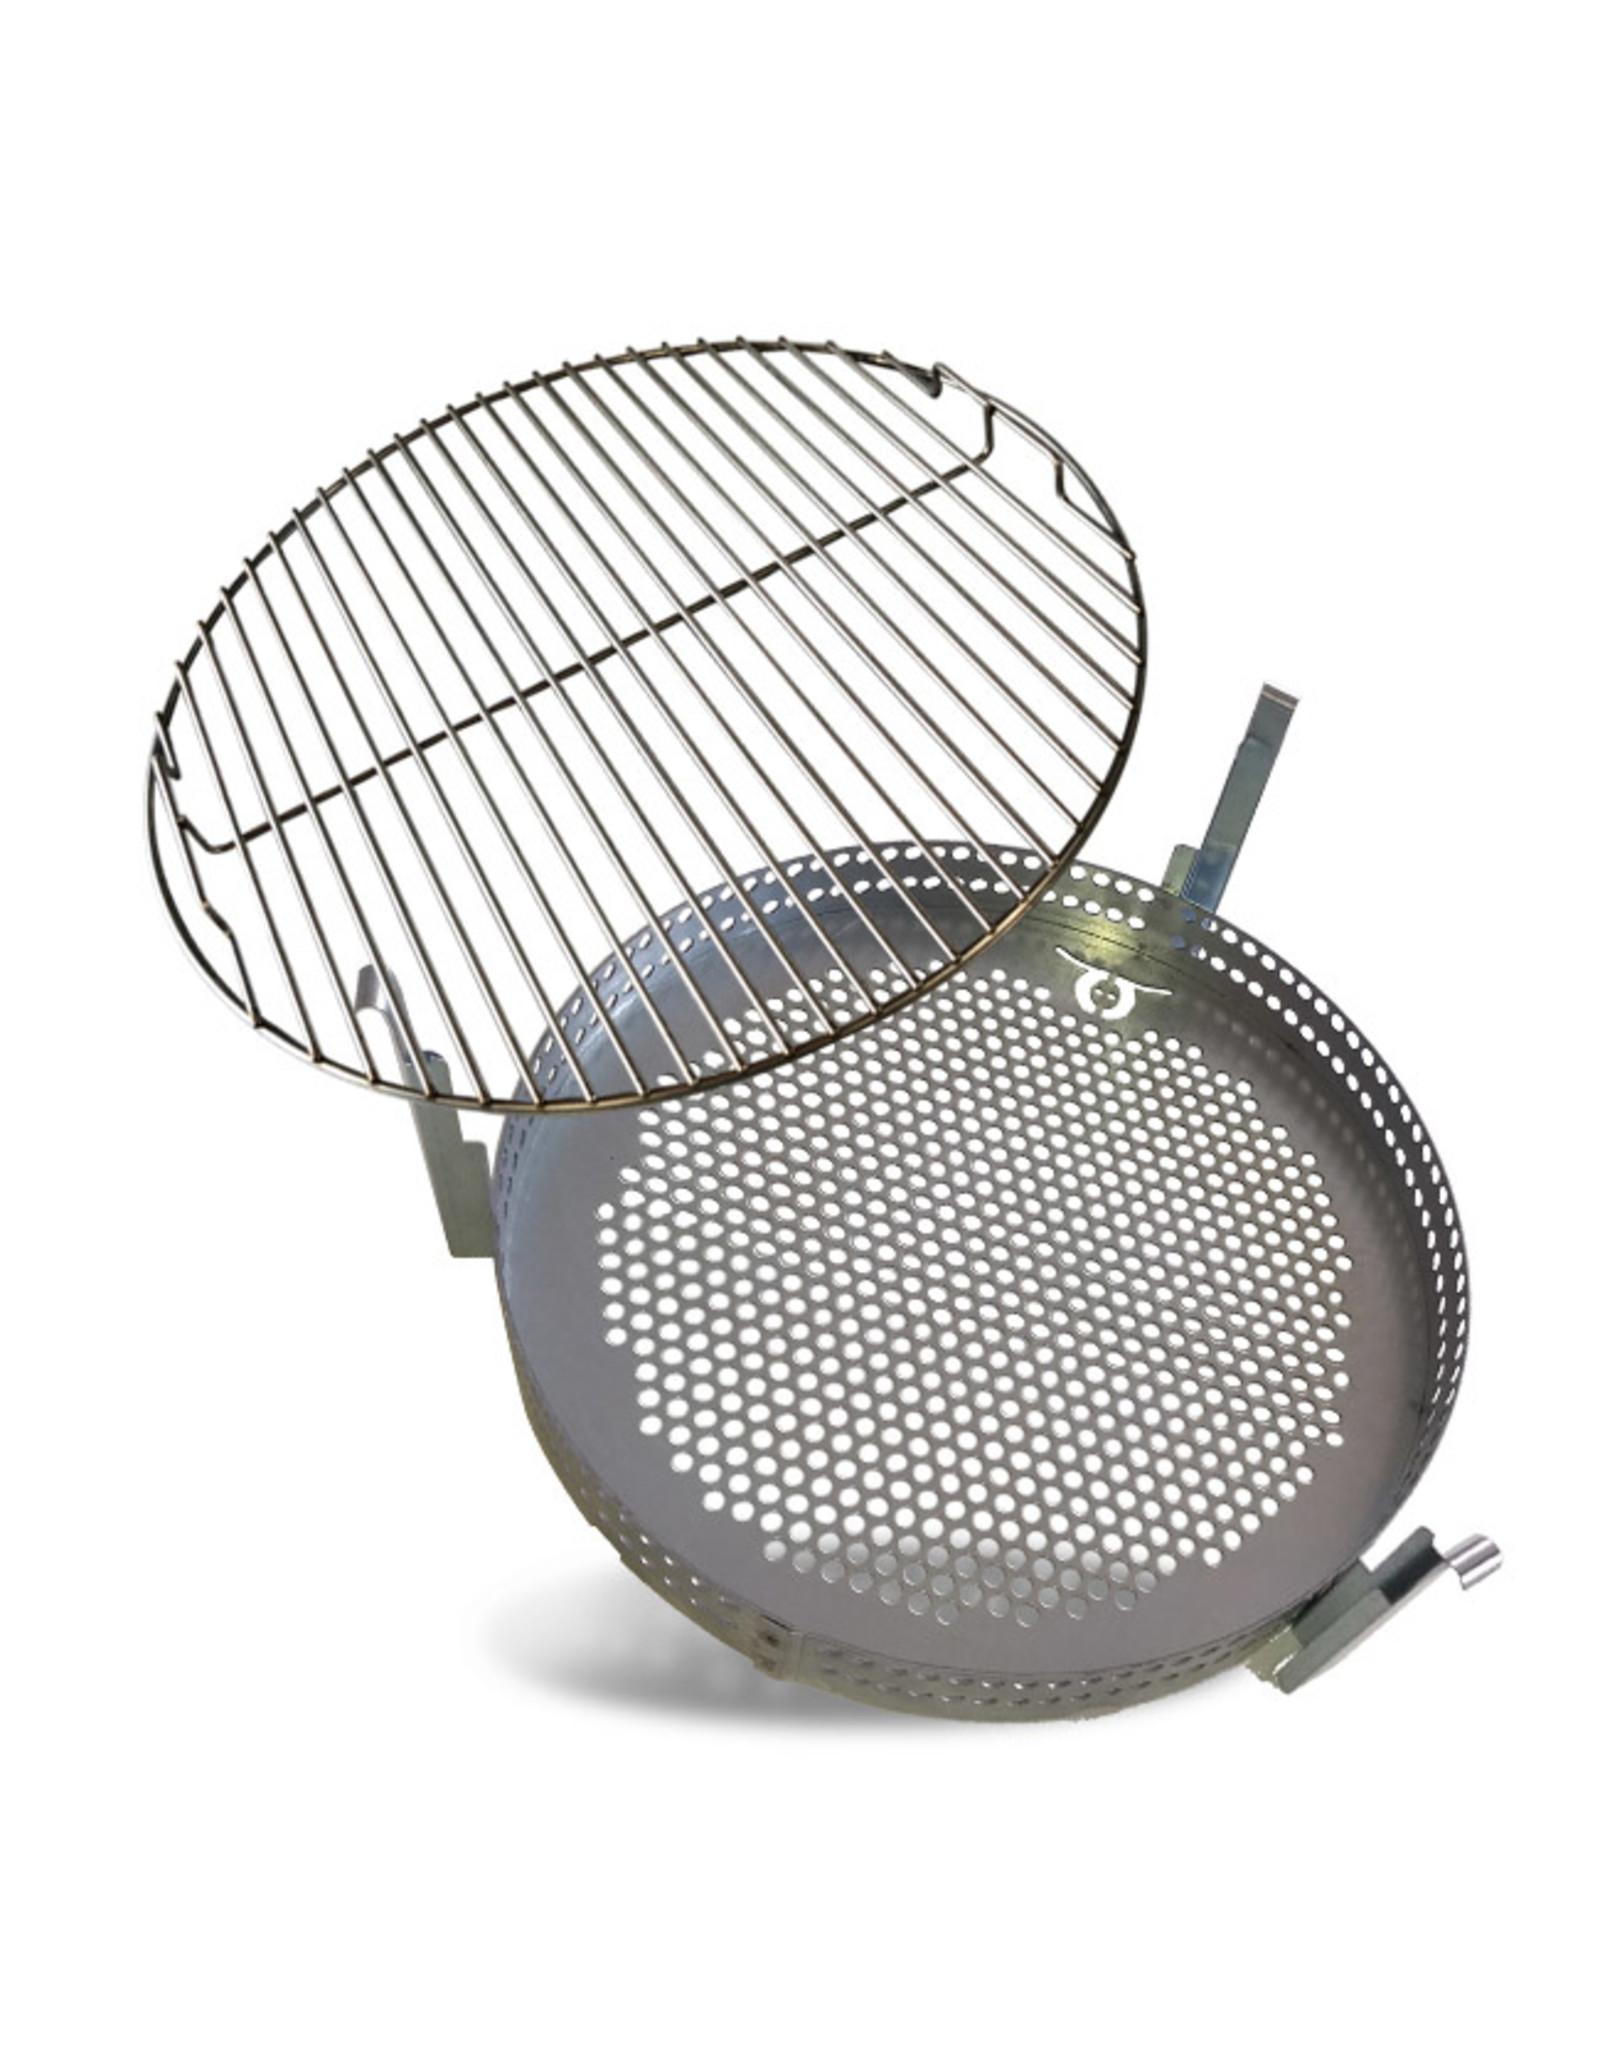 BarrelQ Grillkorb und Grillrost 200 Liter Ölfass (nicht verengte Fassöffnung)